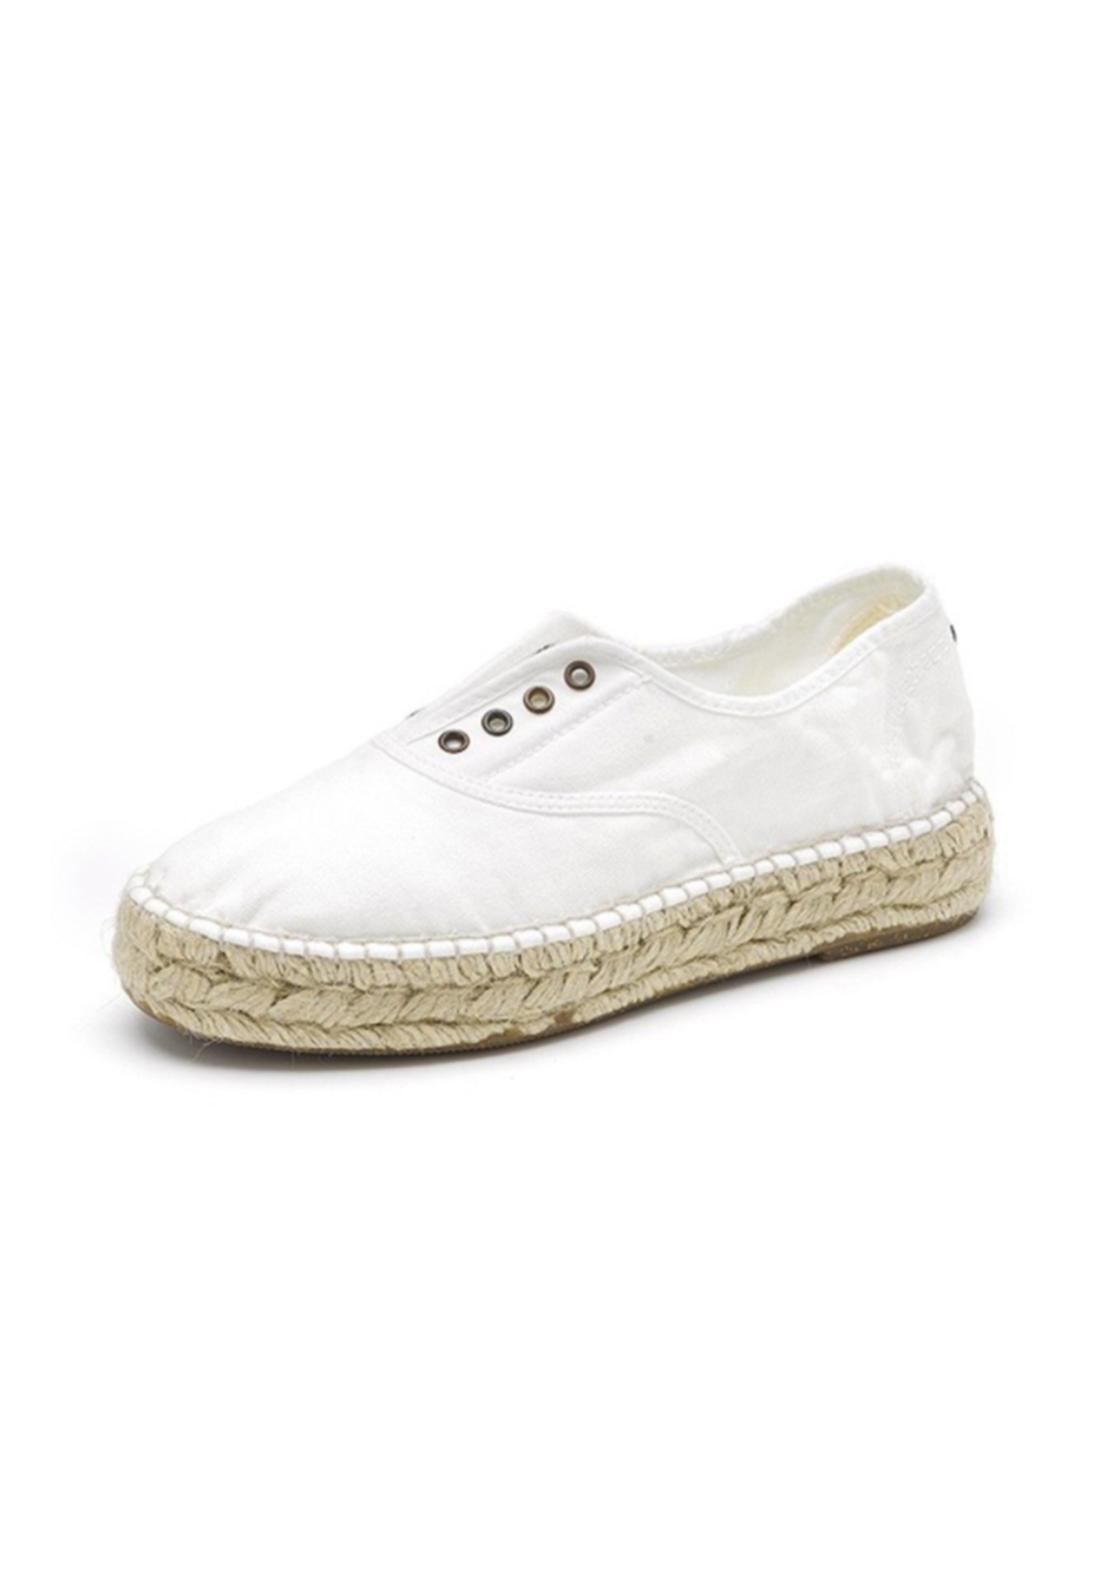 World Natural Eco حذاء كاجول ابيض اللون من